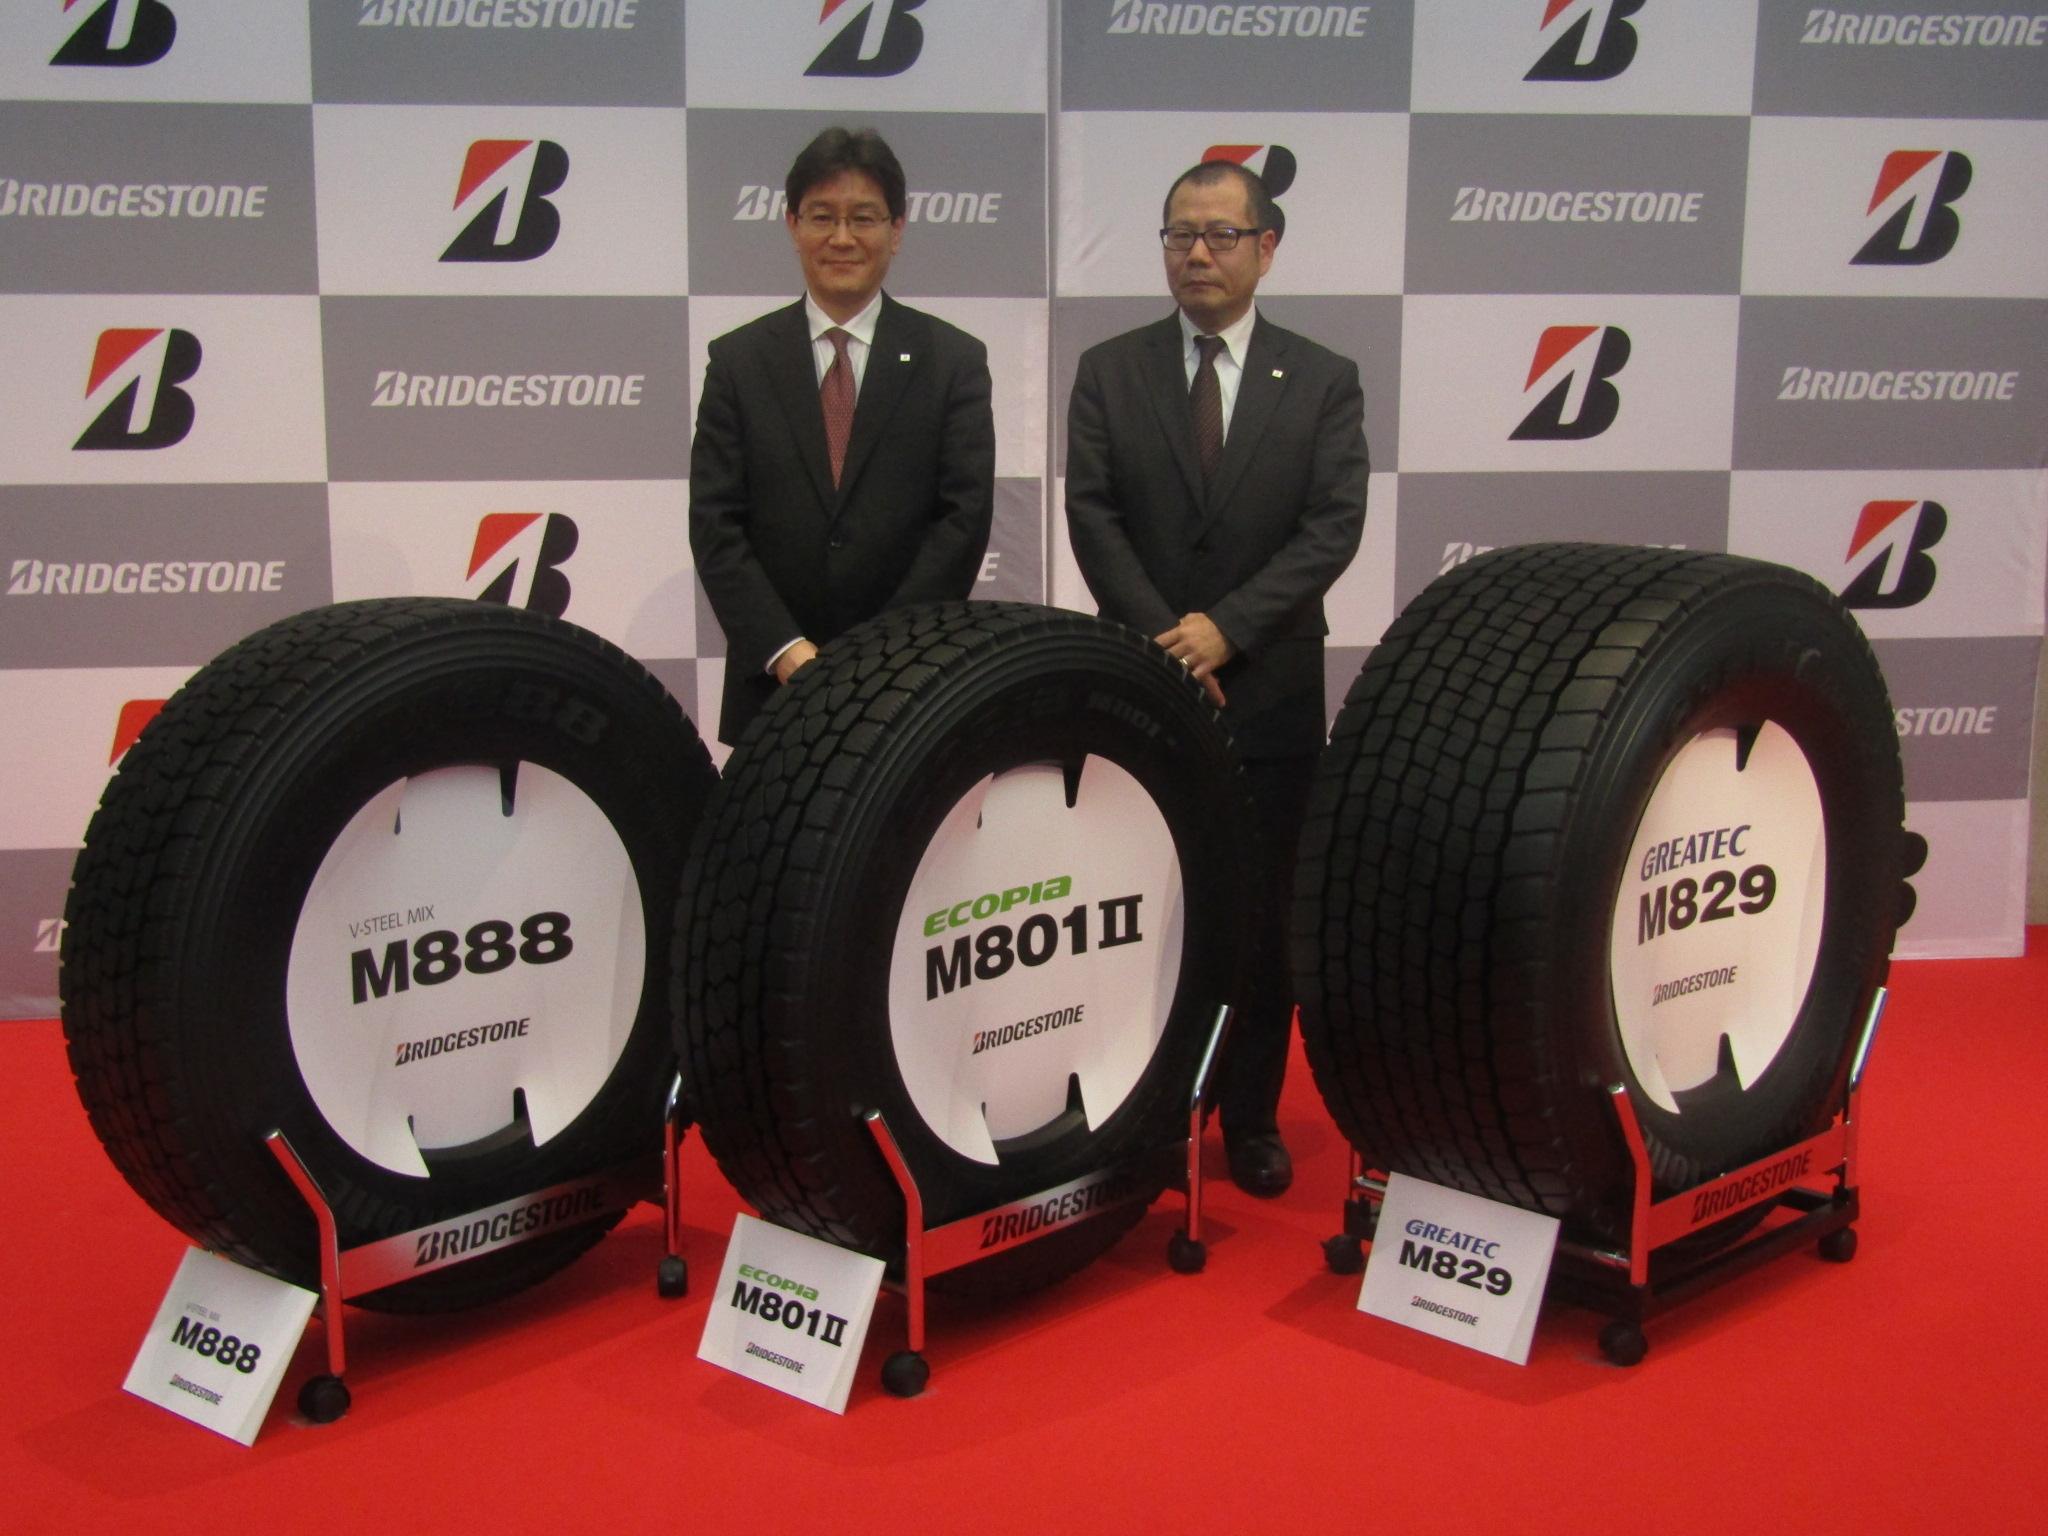 ㊧からブリヂストンの高城執行役員、ブリヂストンタ イヤジャパンの末松執行役員。タイヤ新製品は㊧から M888、エコピアM801Ⅱ、グレイテックM829